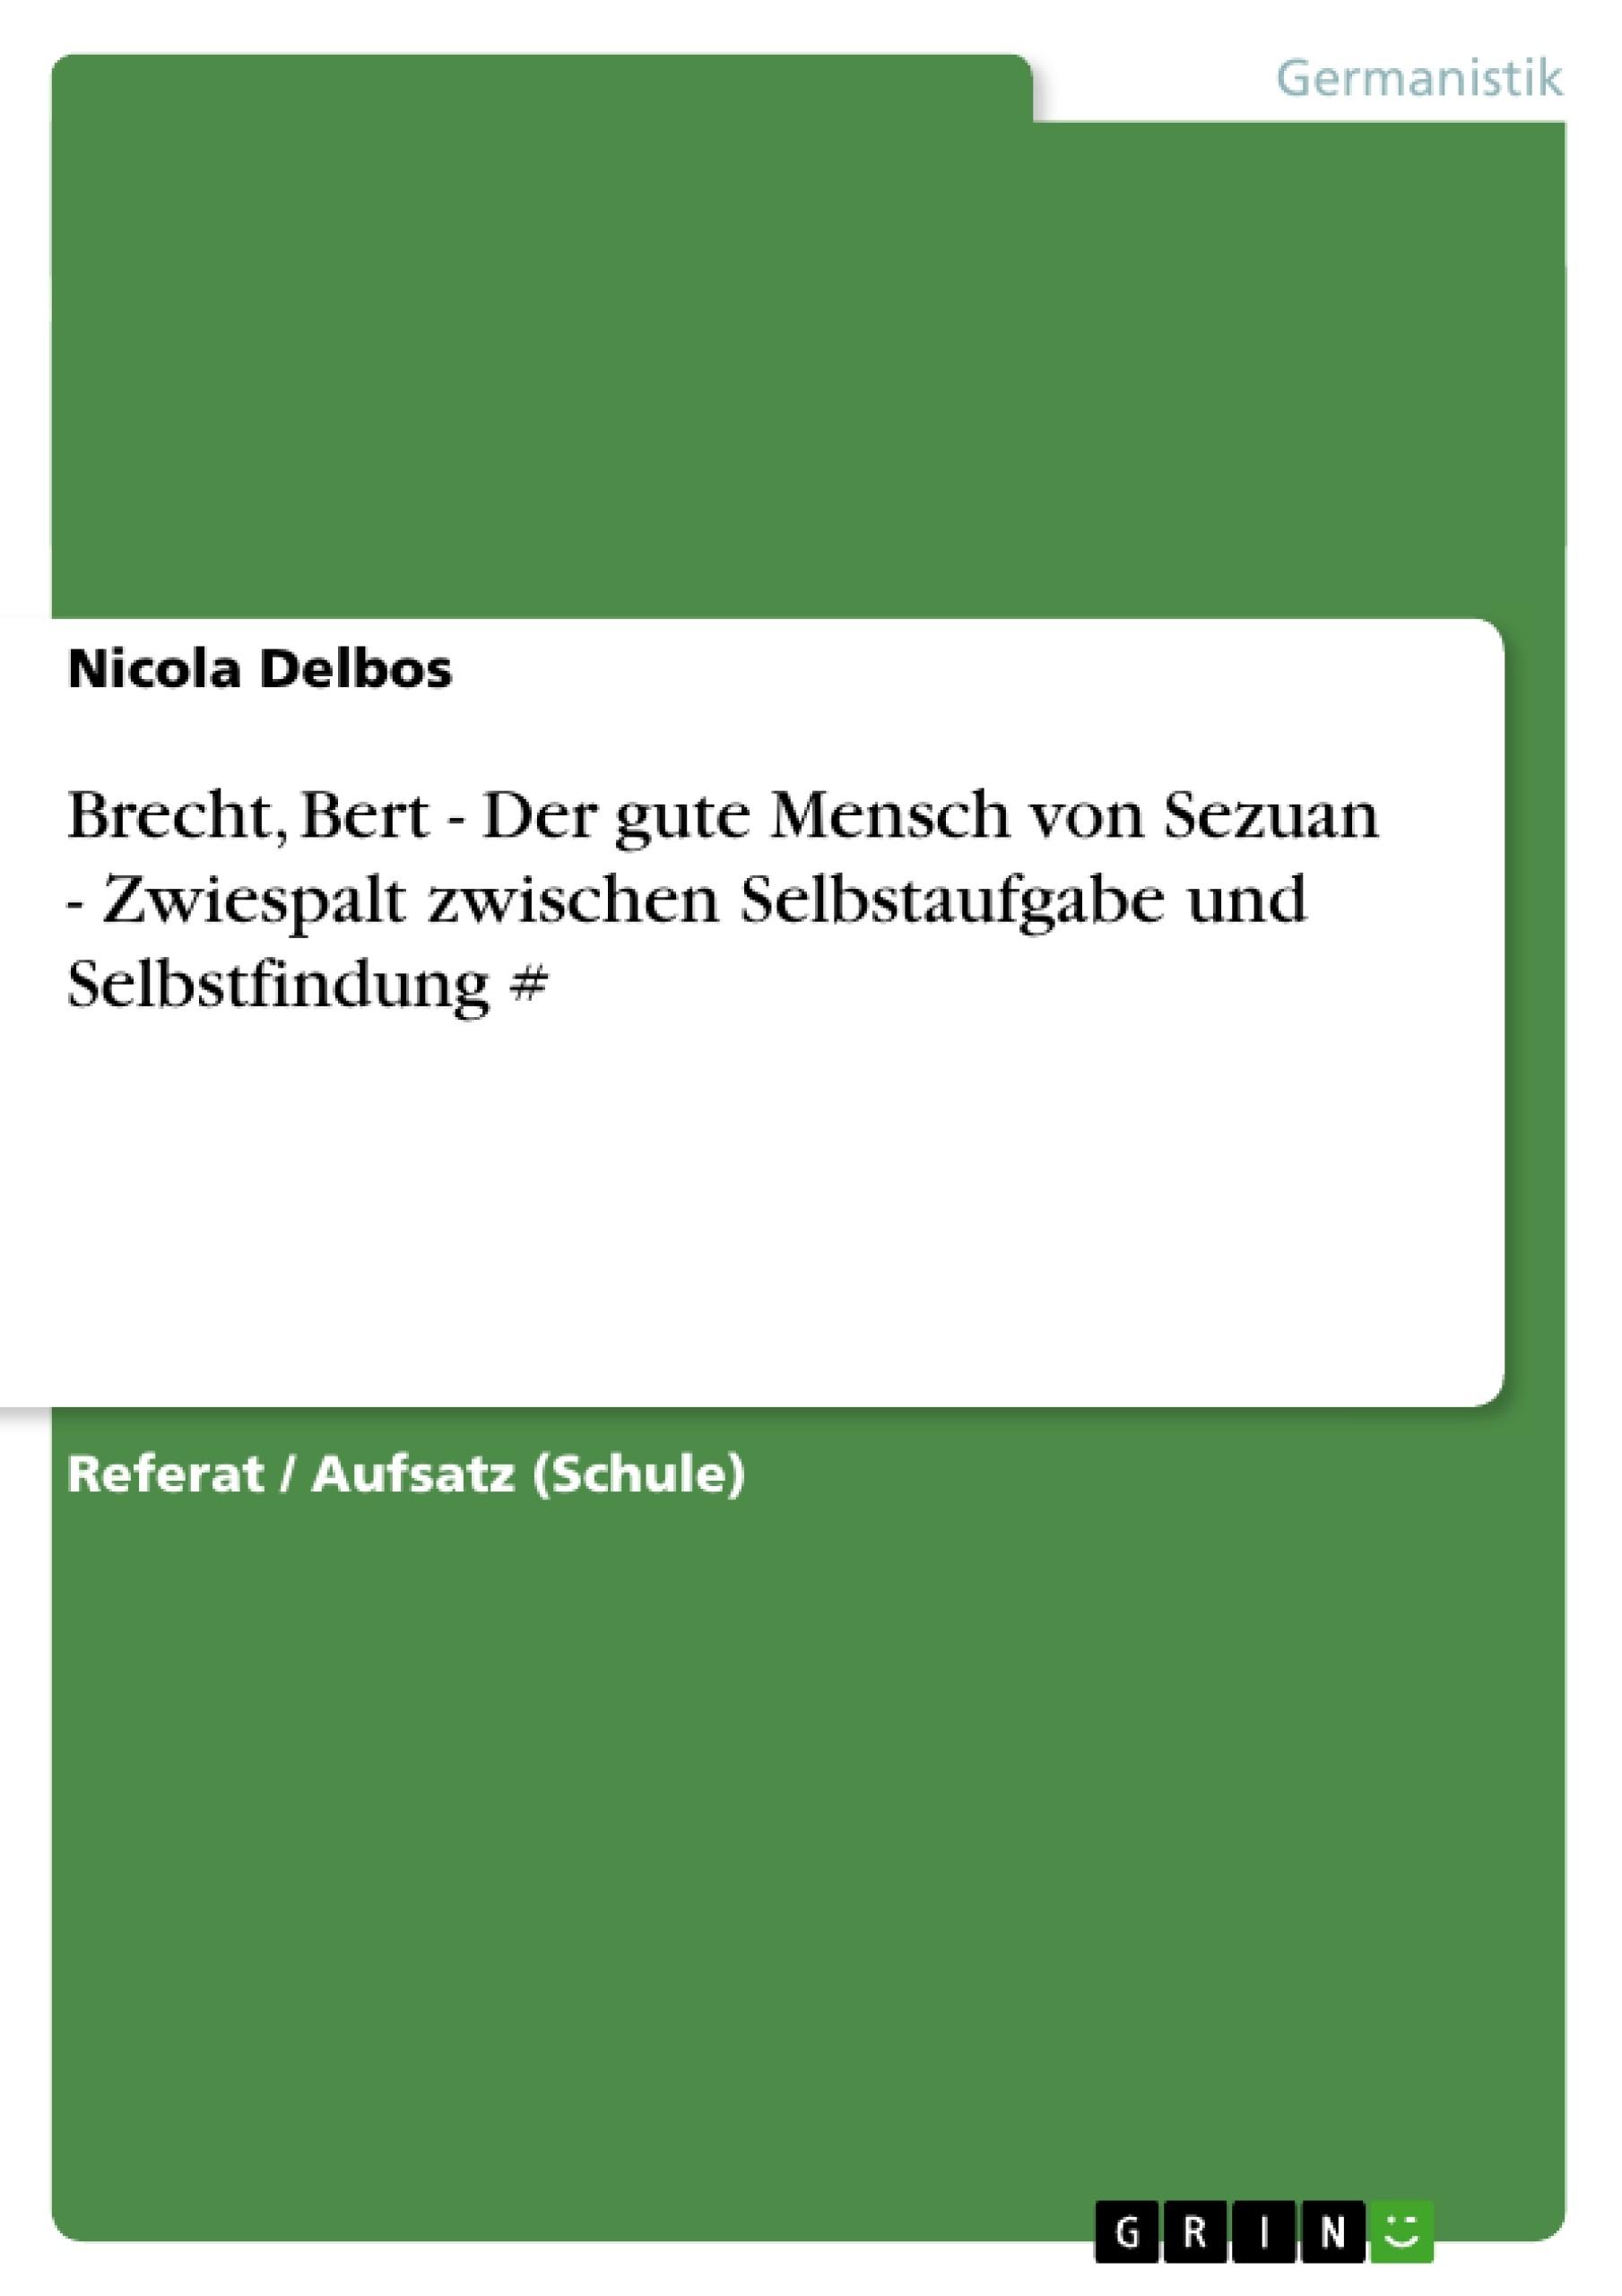 Titel: Brecht, Bert - Der gute Mensch von Sezuan - Zwiespalt zwischen Selbstaufgabe und Selbstfindung  #